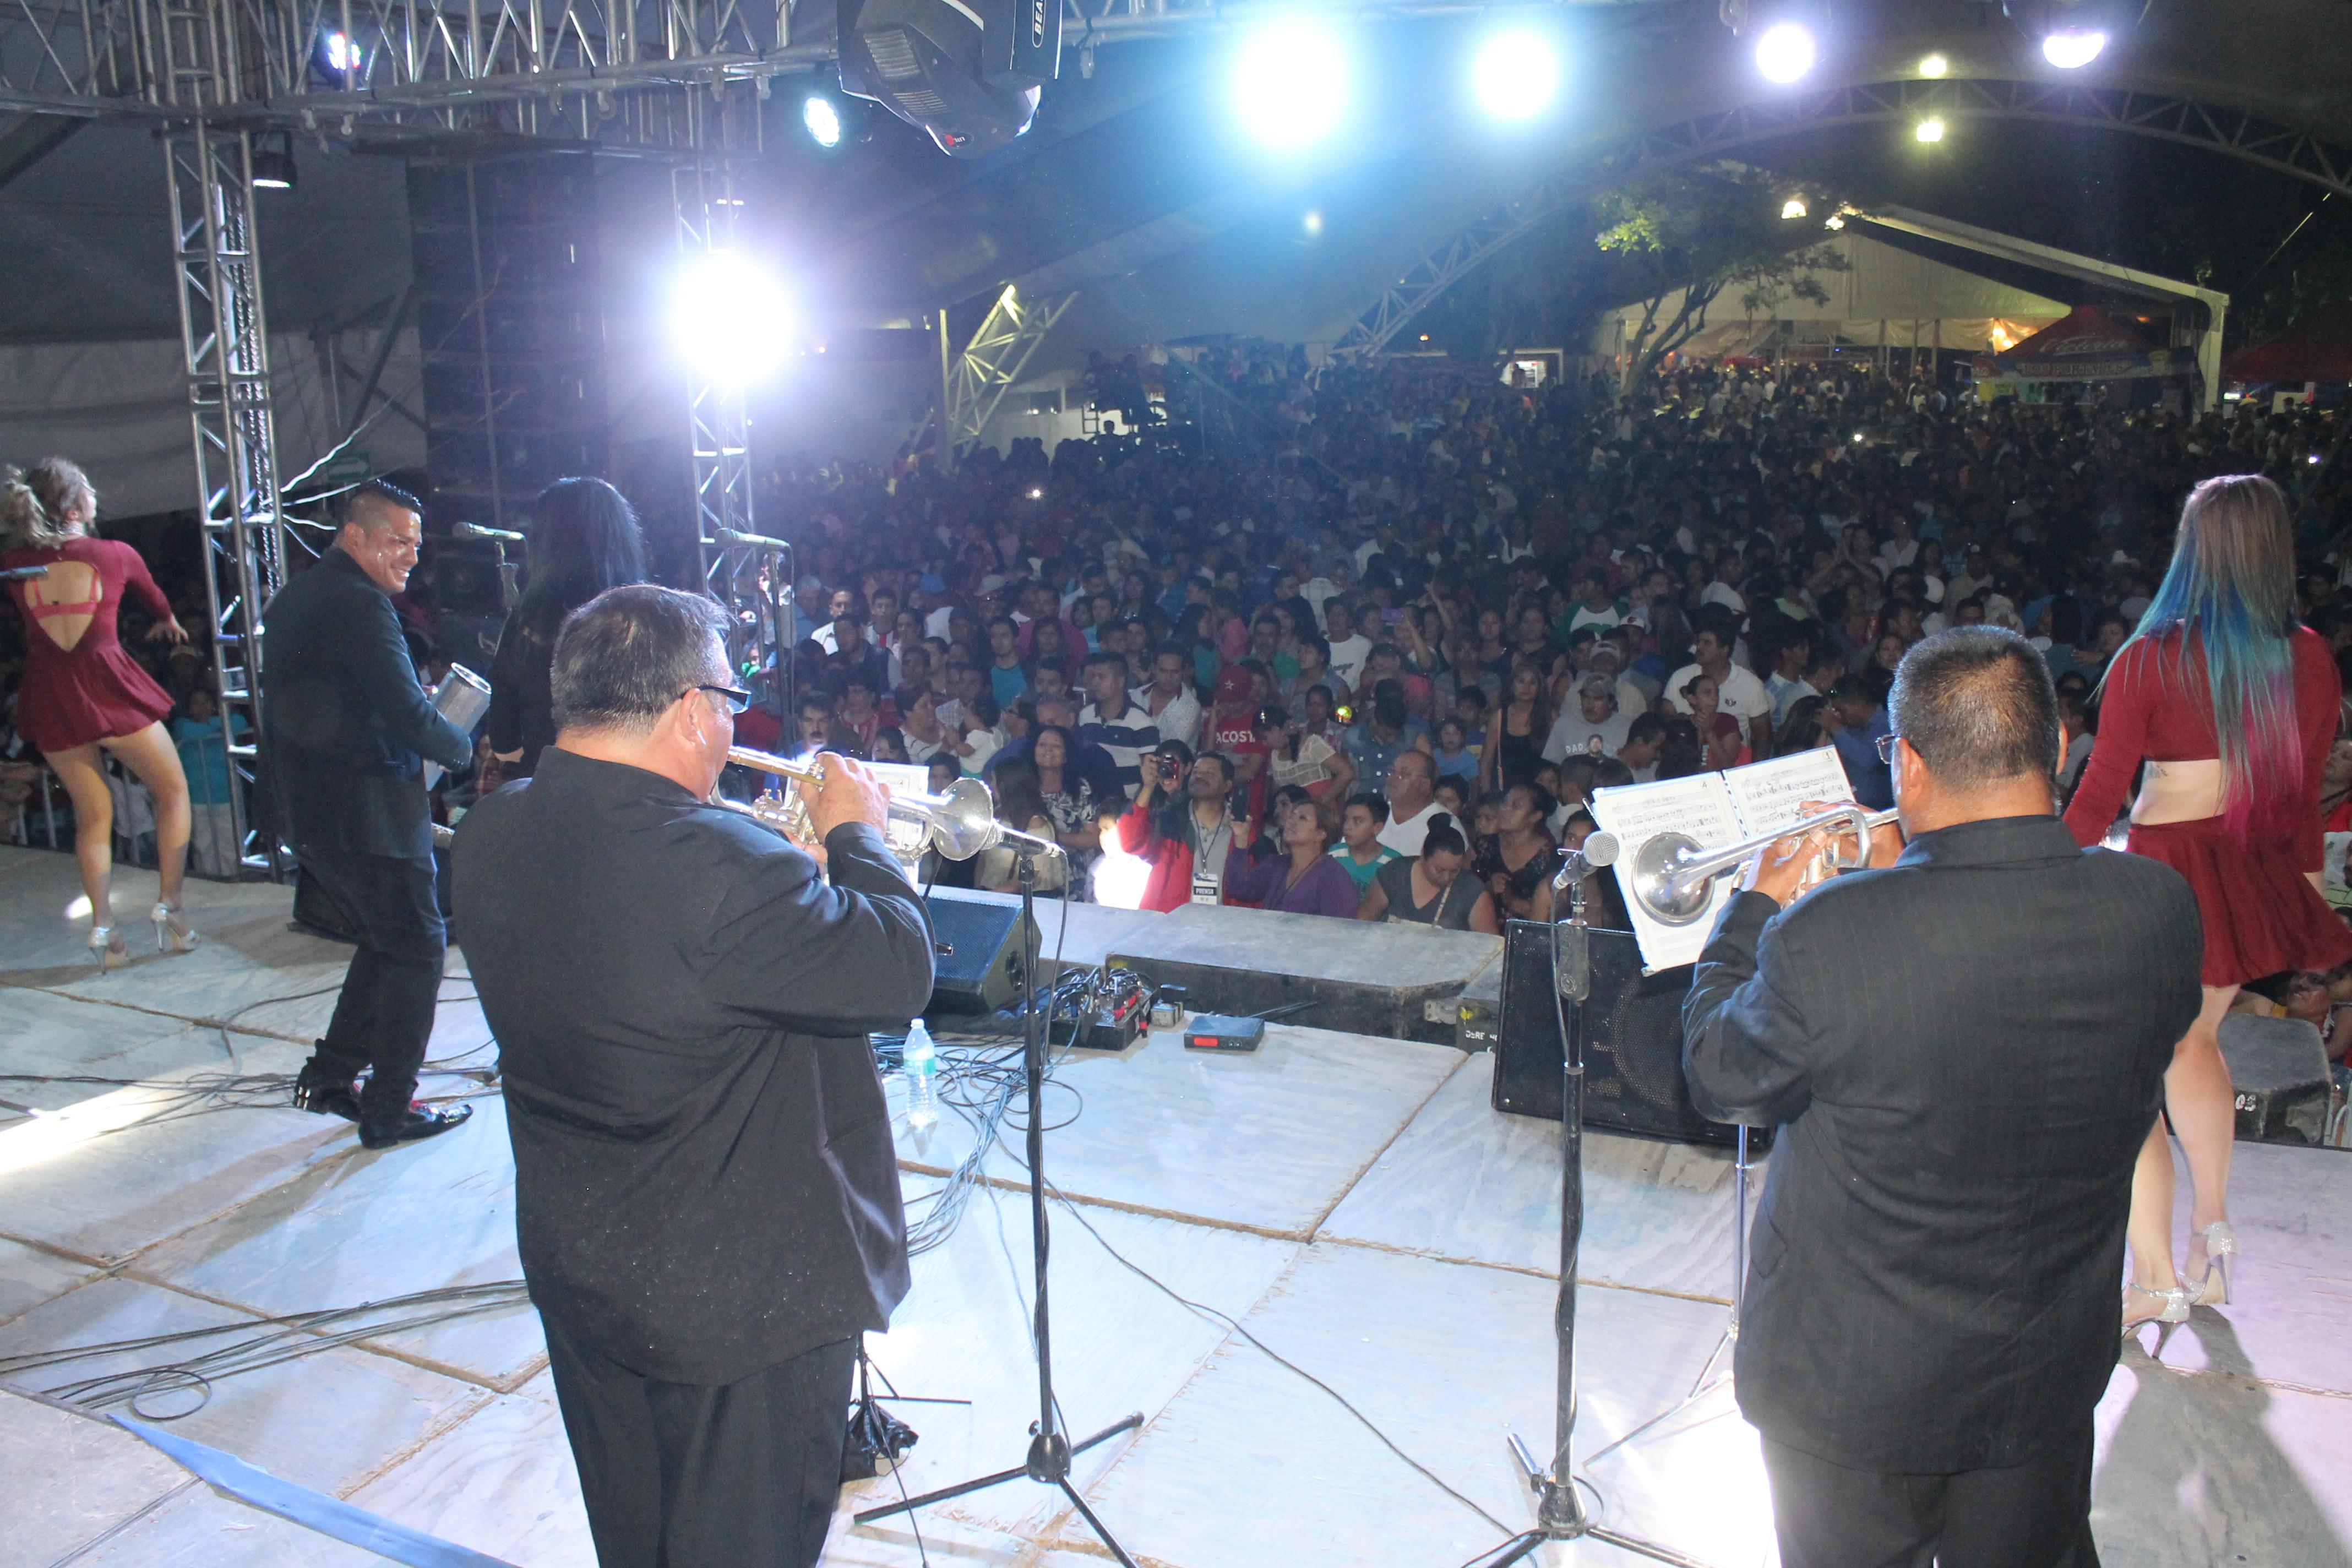 Con lleno total se presentó La Sonora Dinamita en la Feria de los Chicahuales